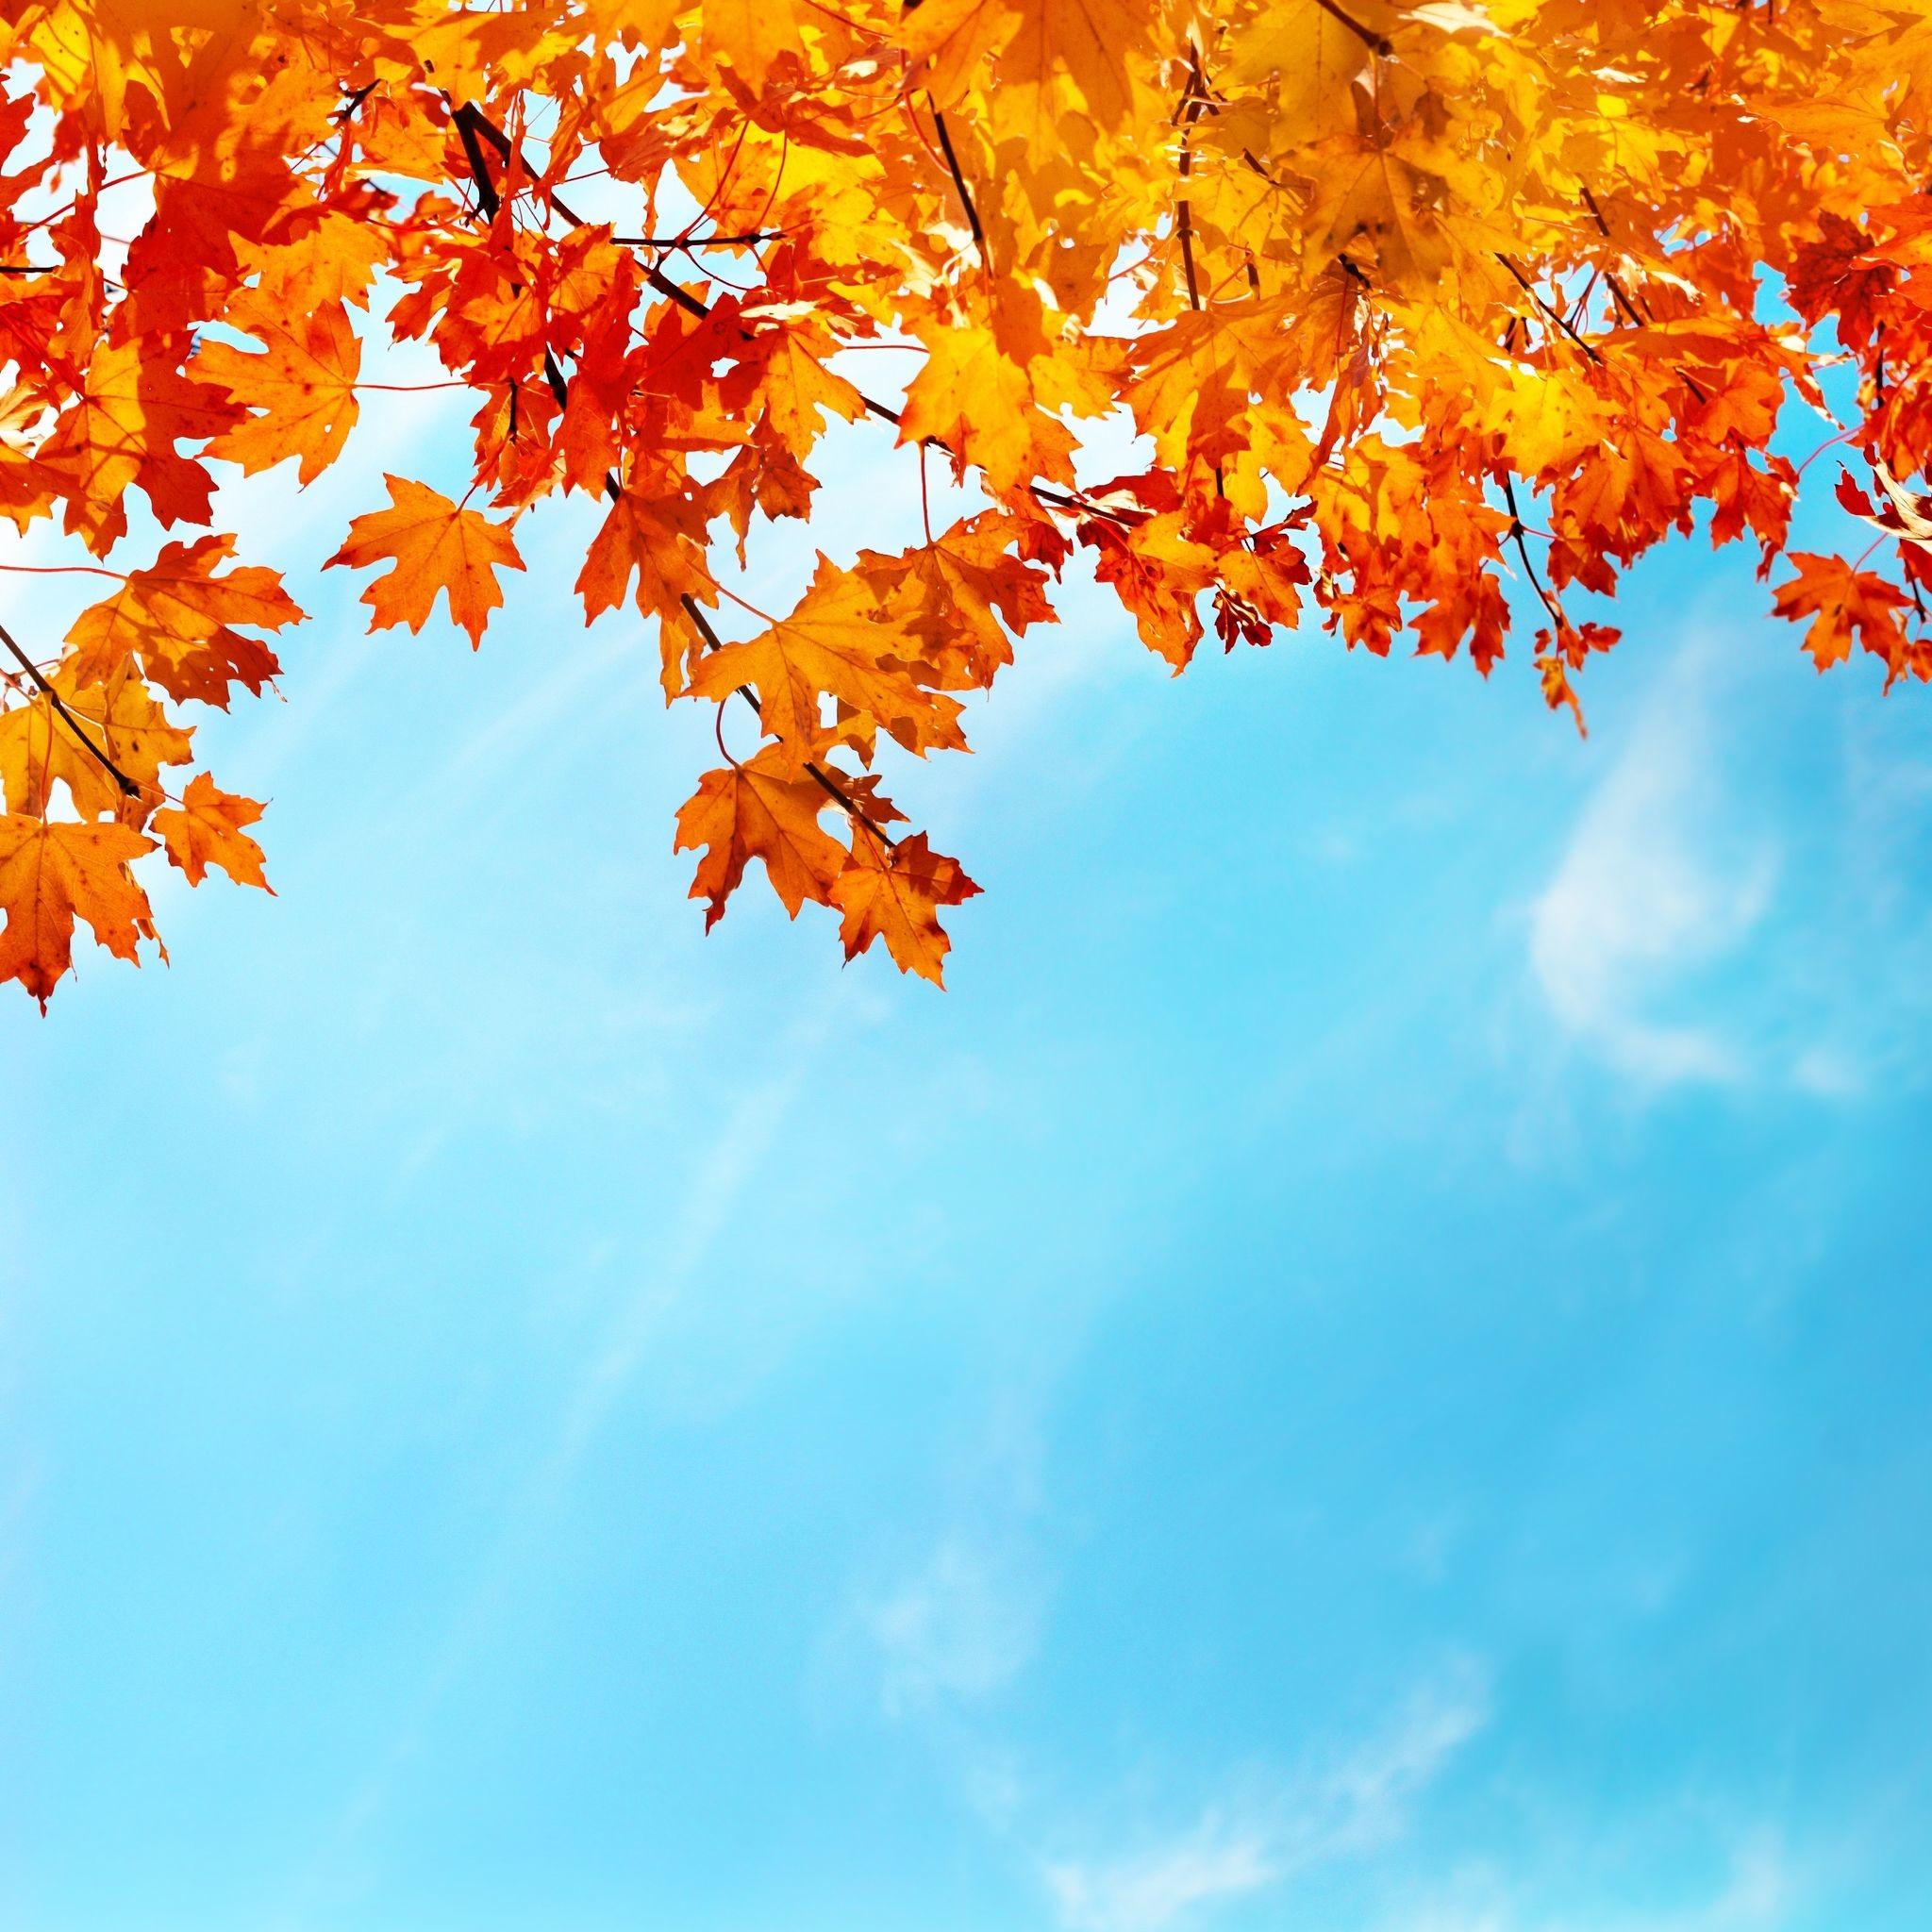 #autumn #leaves #sky #september #october #november #bye #bye